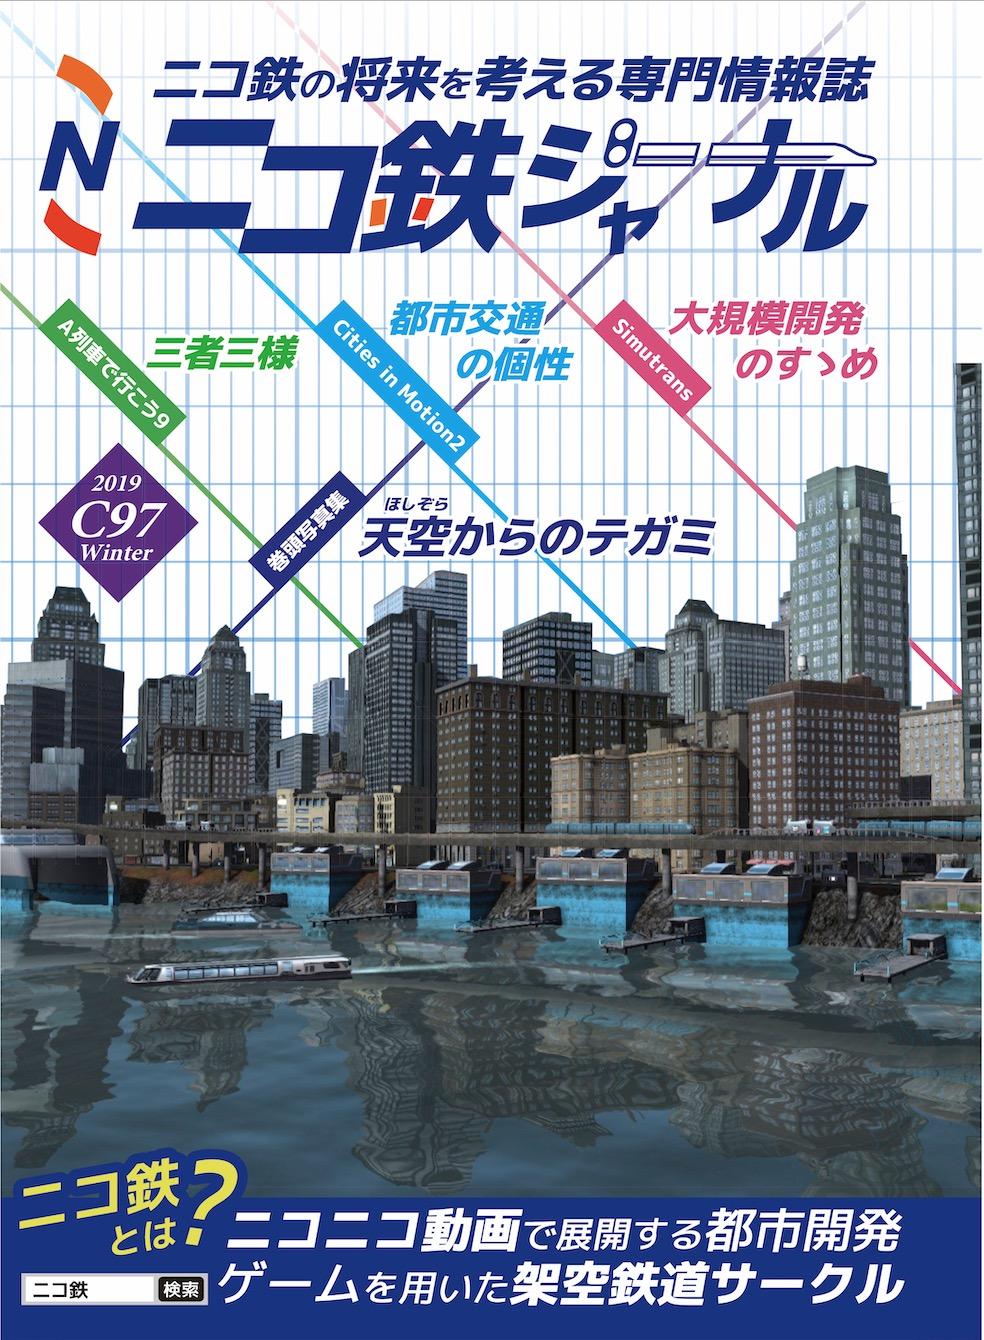 ニコ鉄ジャーナルC97表紙.jpg